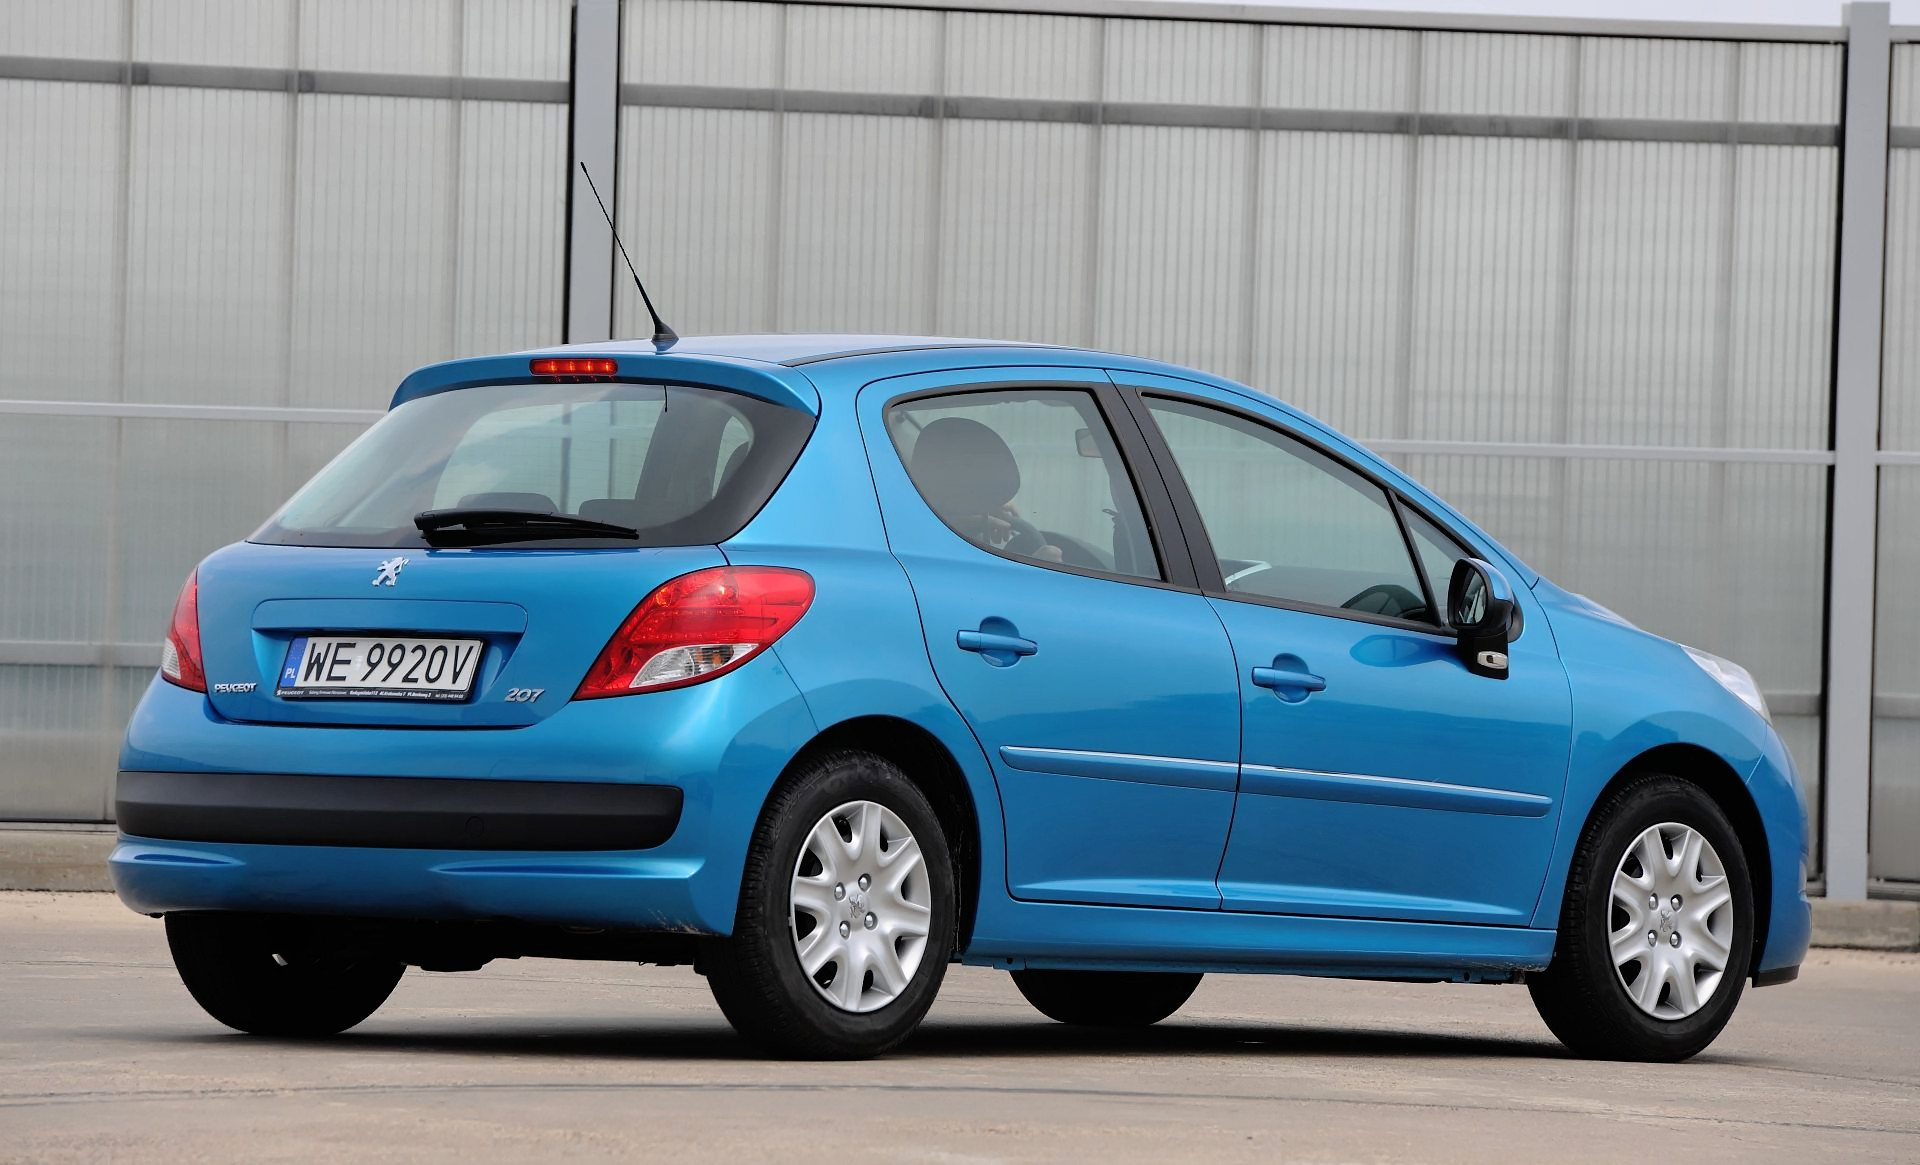 Używany Peugeot 207 (2006-2012) opinie użytkowników.